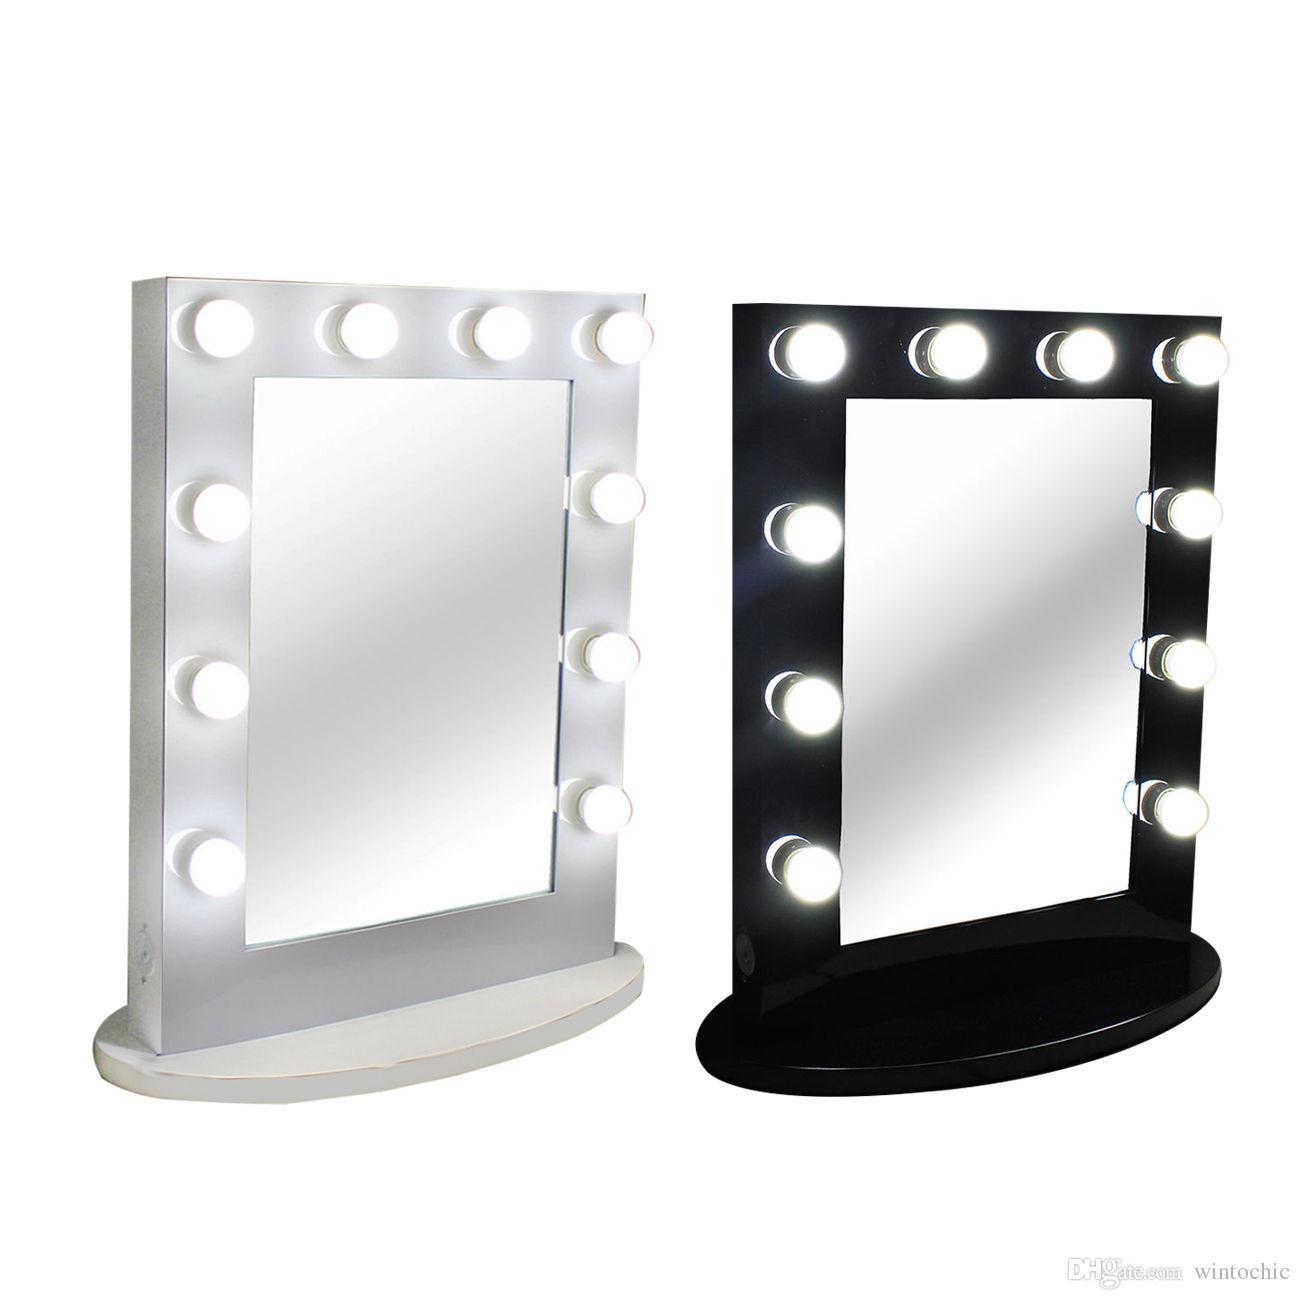 acheter luminaire de table de miroir eclaire de maquillage de table de hollywood avec le gradateur miroir de beaute d etape de cadre en aluminium 12